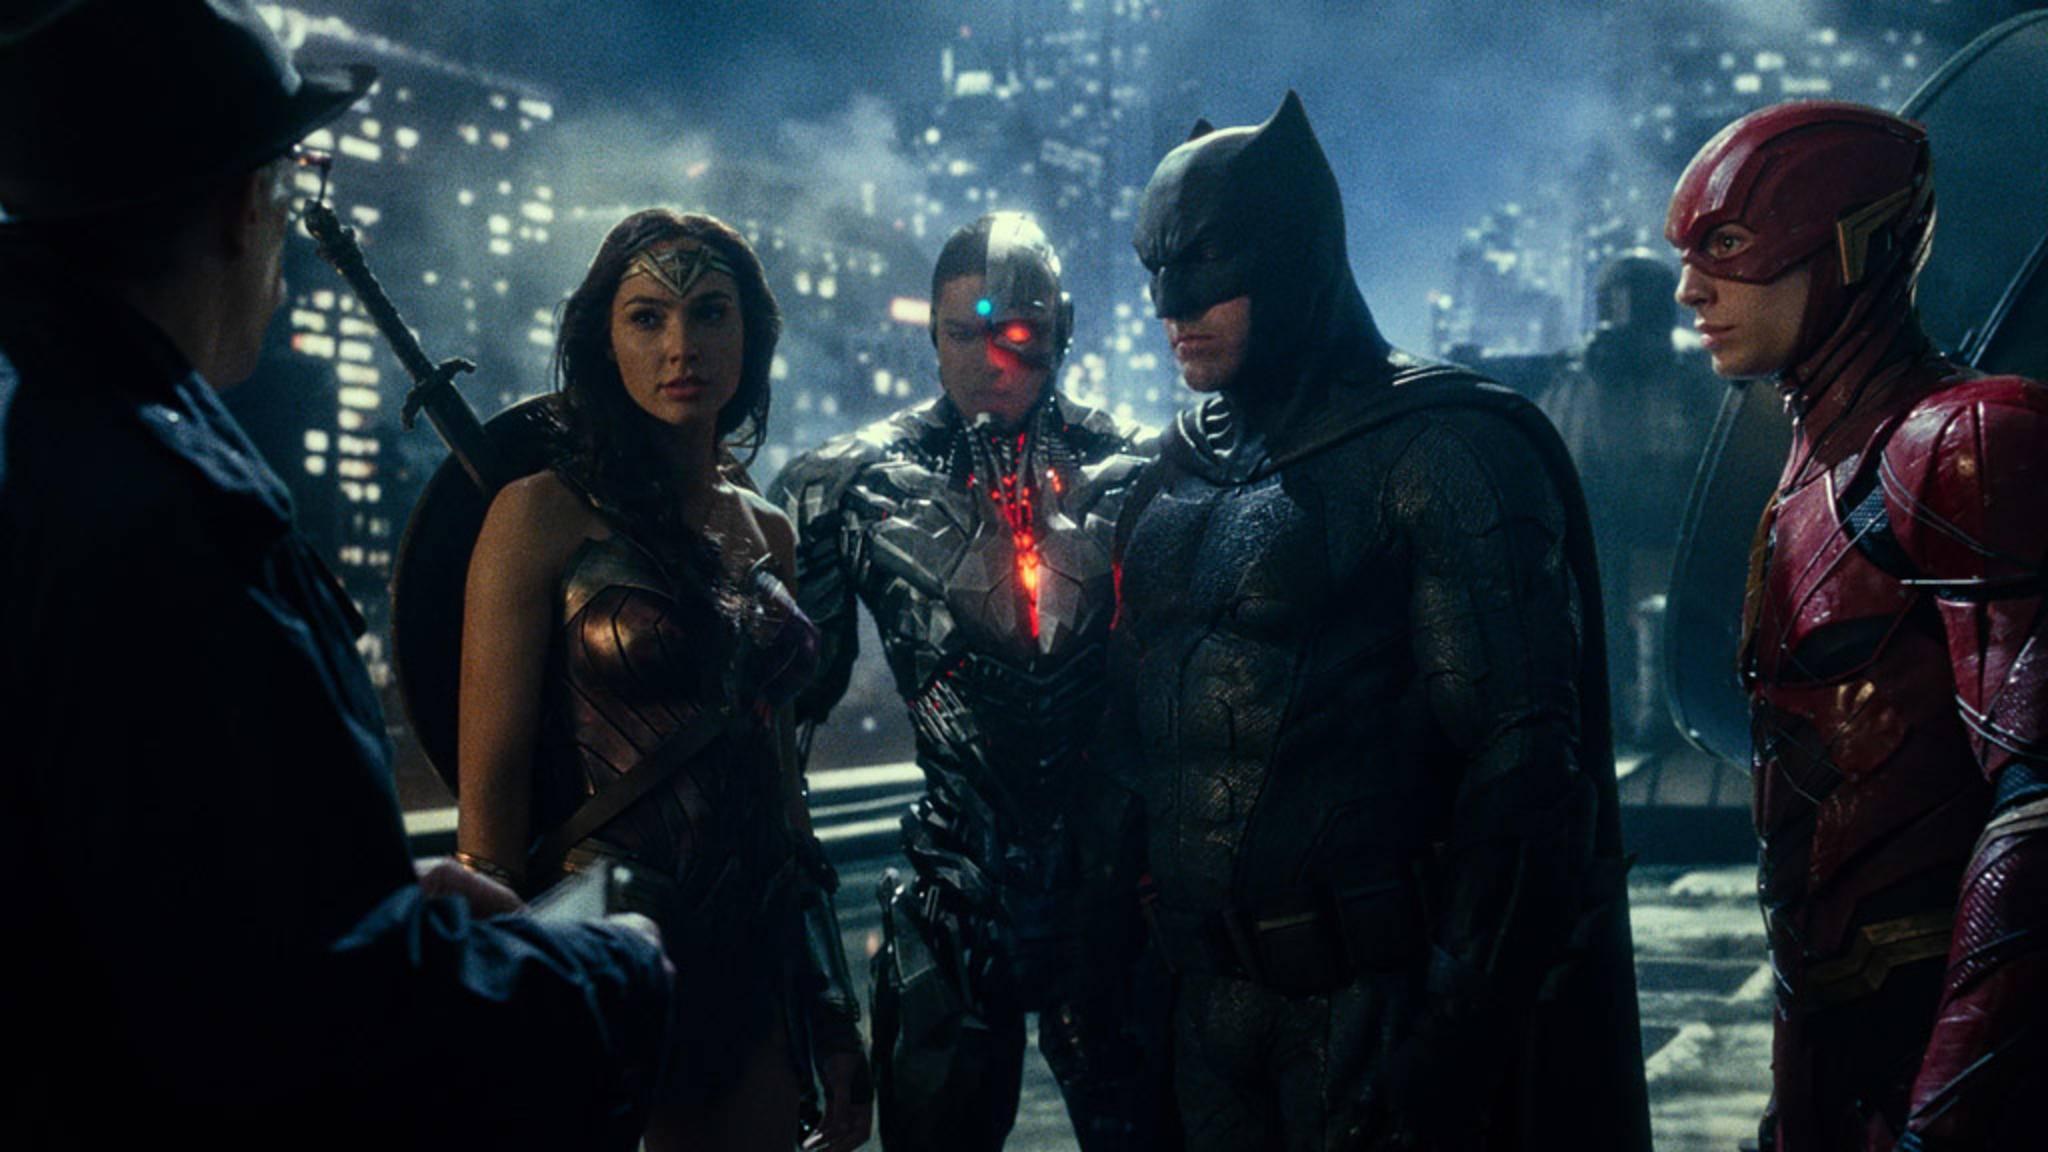 Wirklich freiwillig hat Regisseur Zack Snyder DCs Helden-Team offenbar nicht im Stich gelassen ...